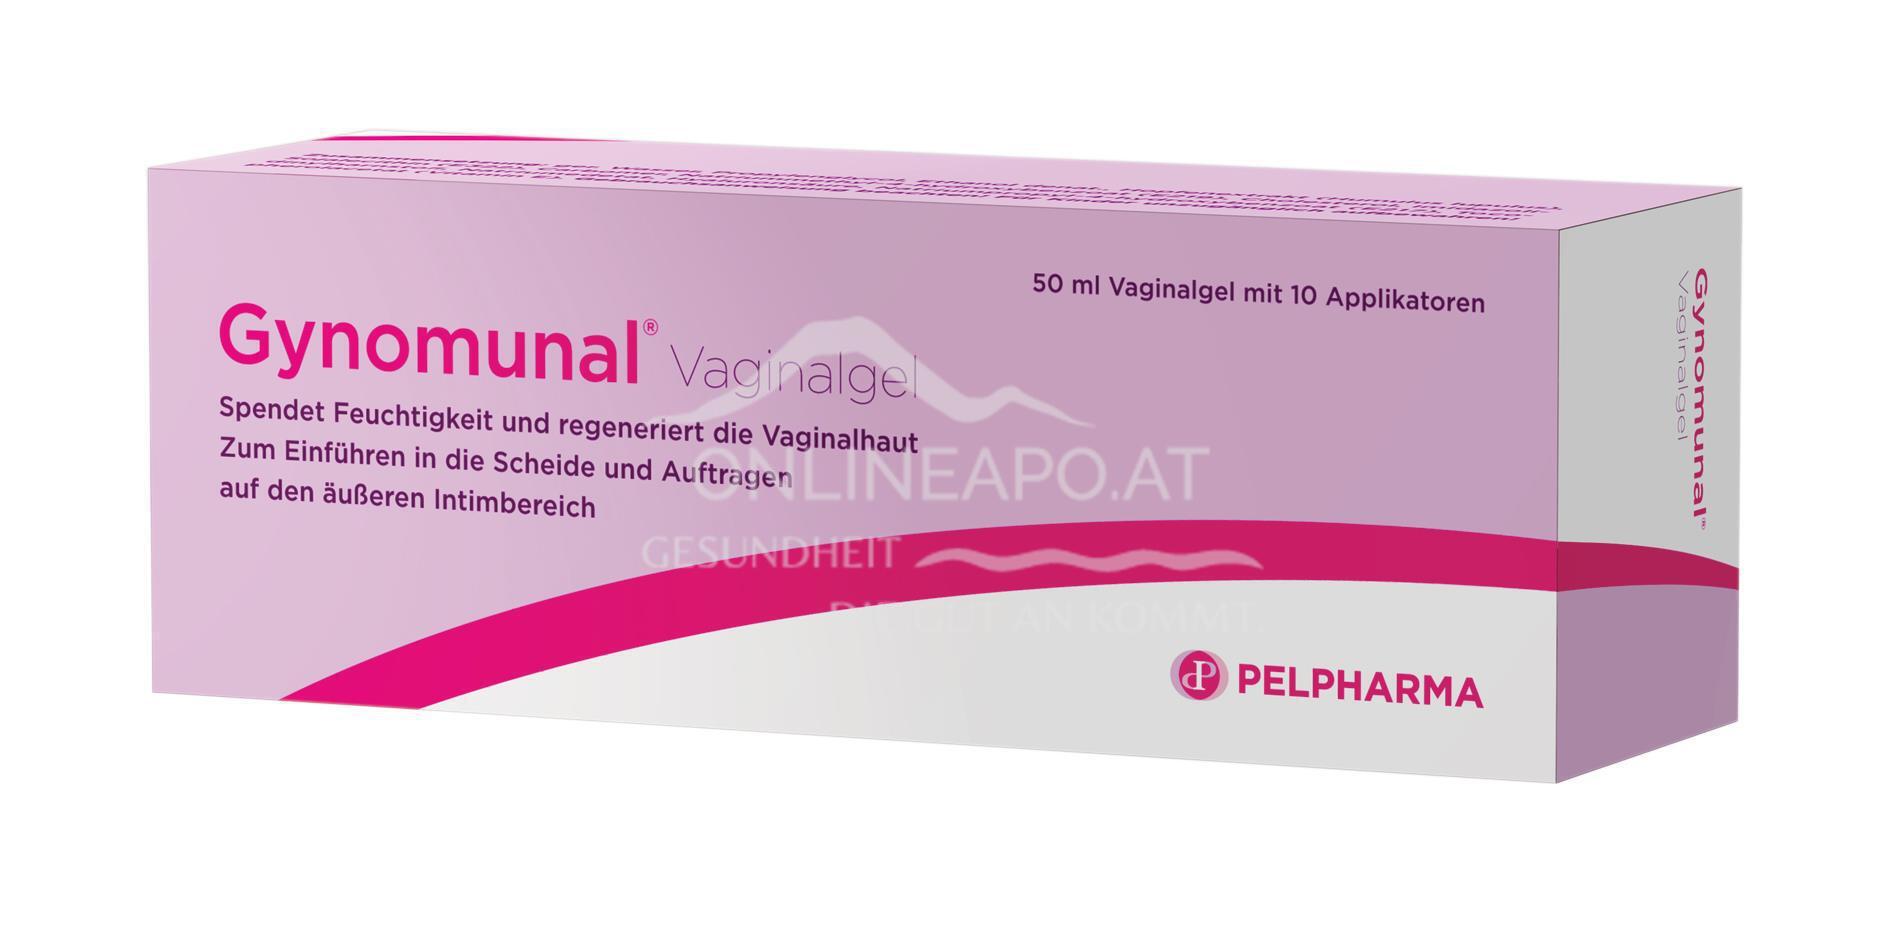 Gynomunal Vaginalgel + 10 Applikatoren